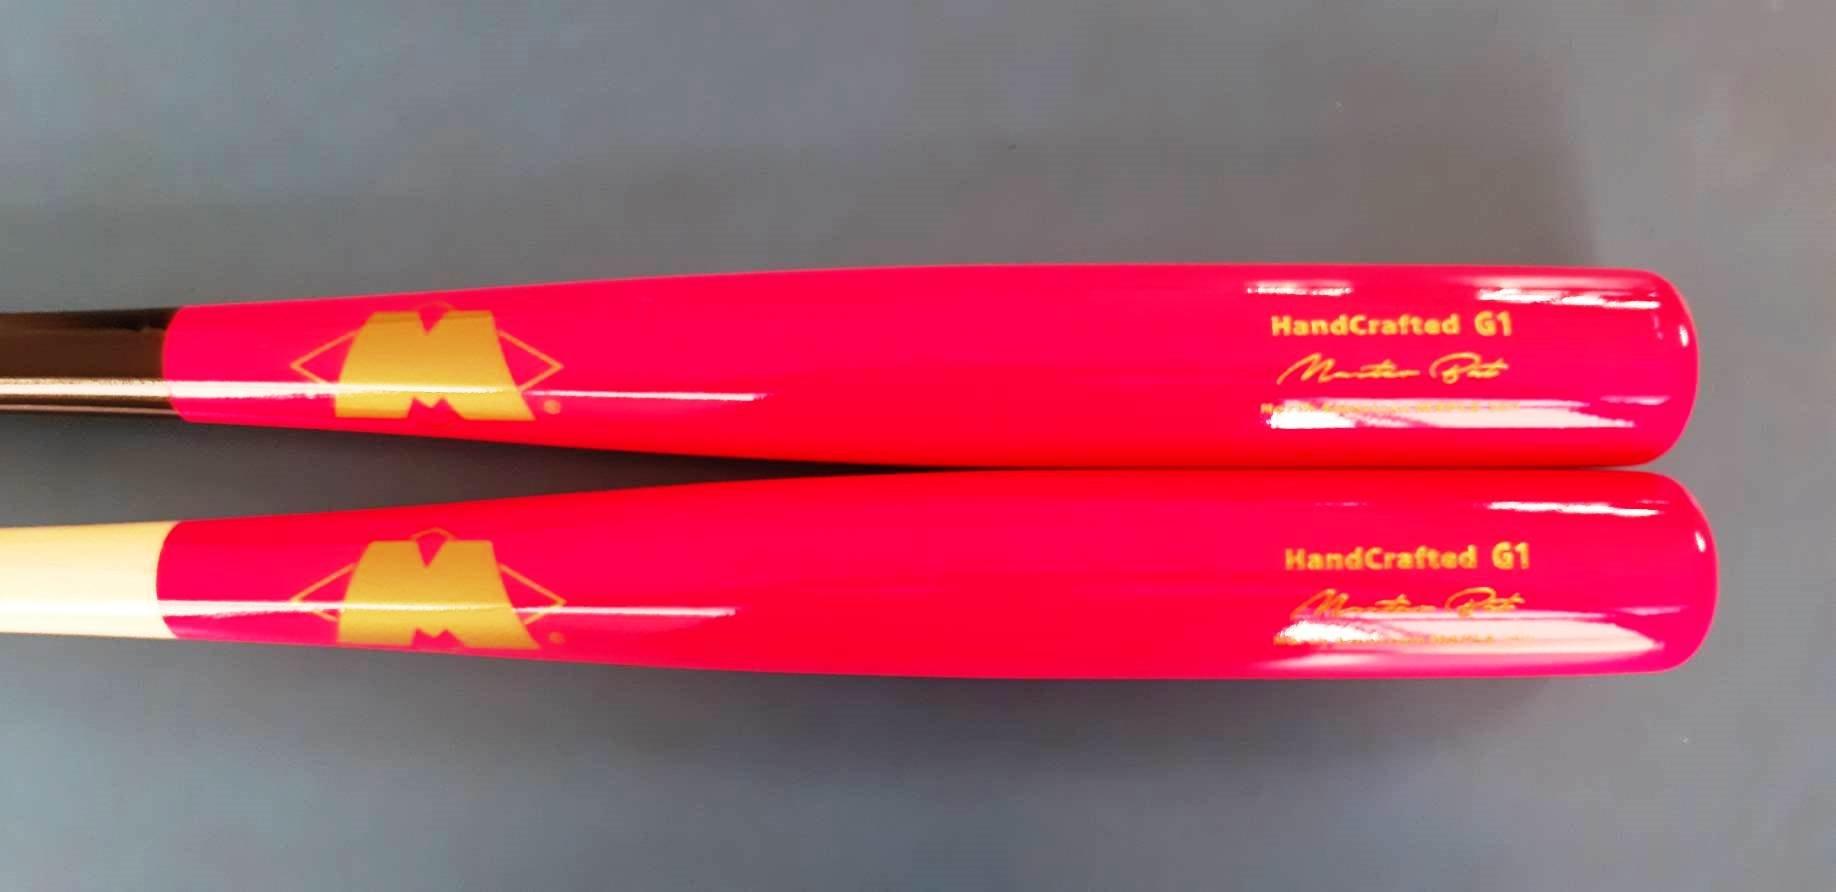 ((綠野運動廠))最新Master麥斯特手作球棒~北美頂級楓木壘球棒G1重頭型-全實木店訂版,打彈性佳,烤漆質感優~免運